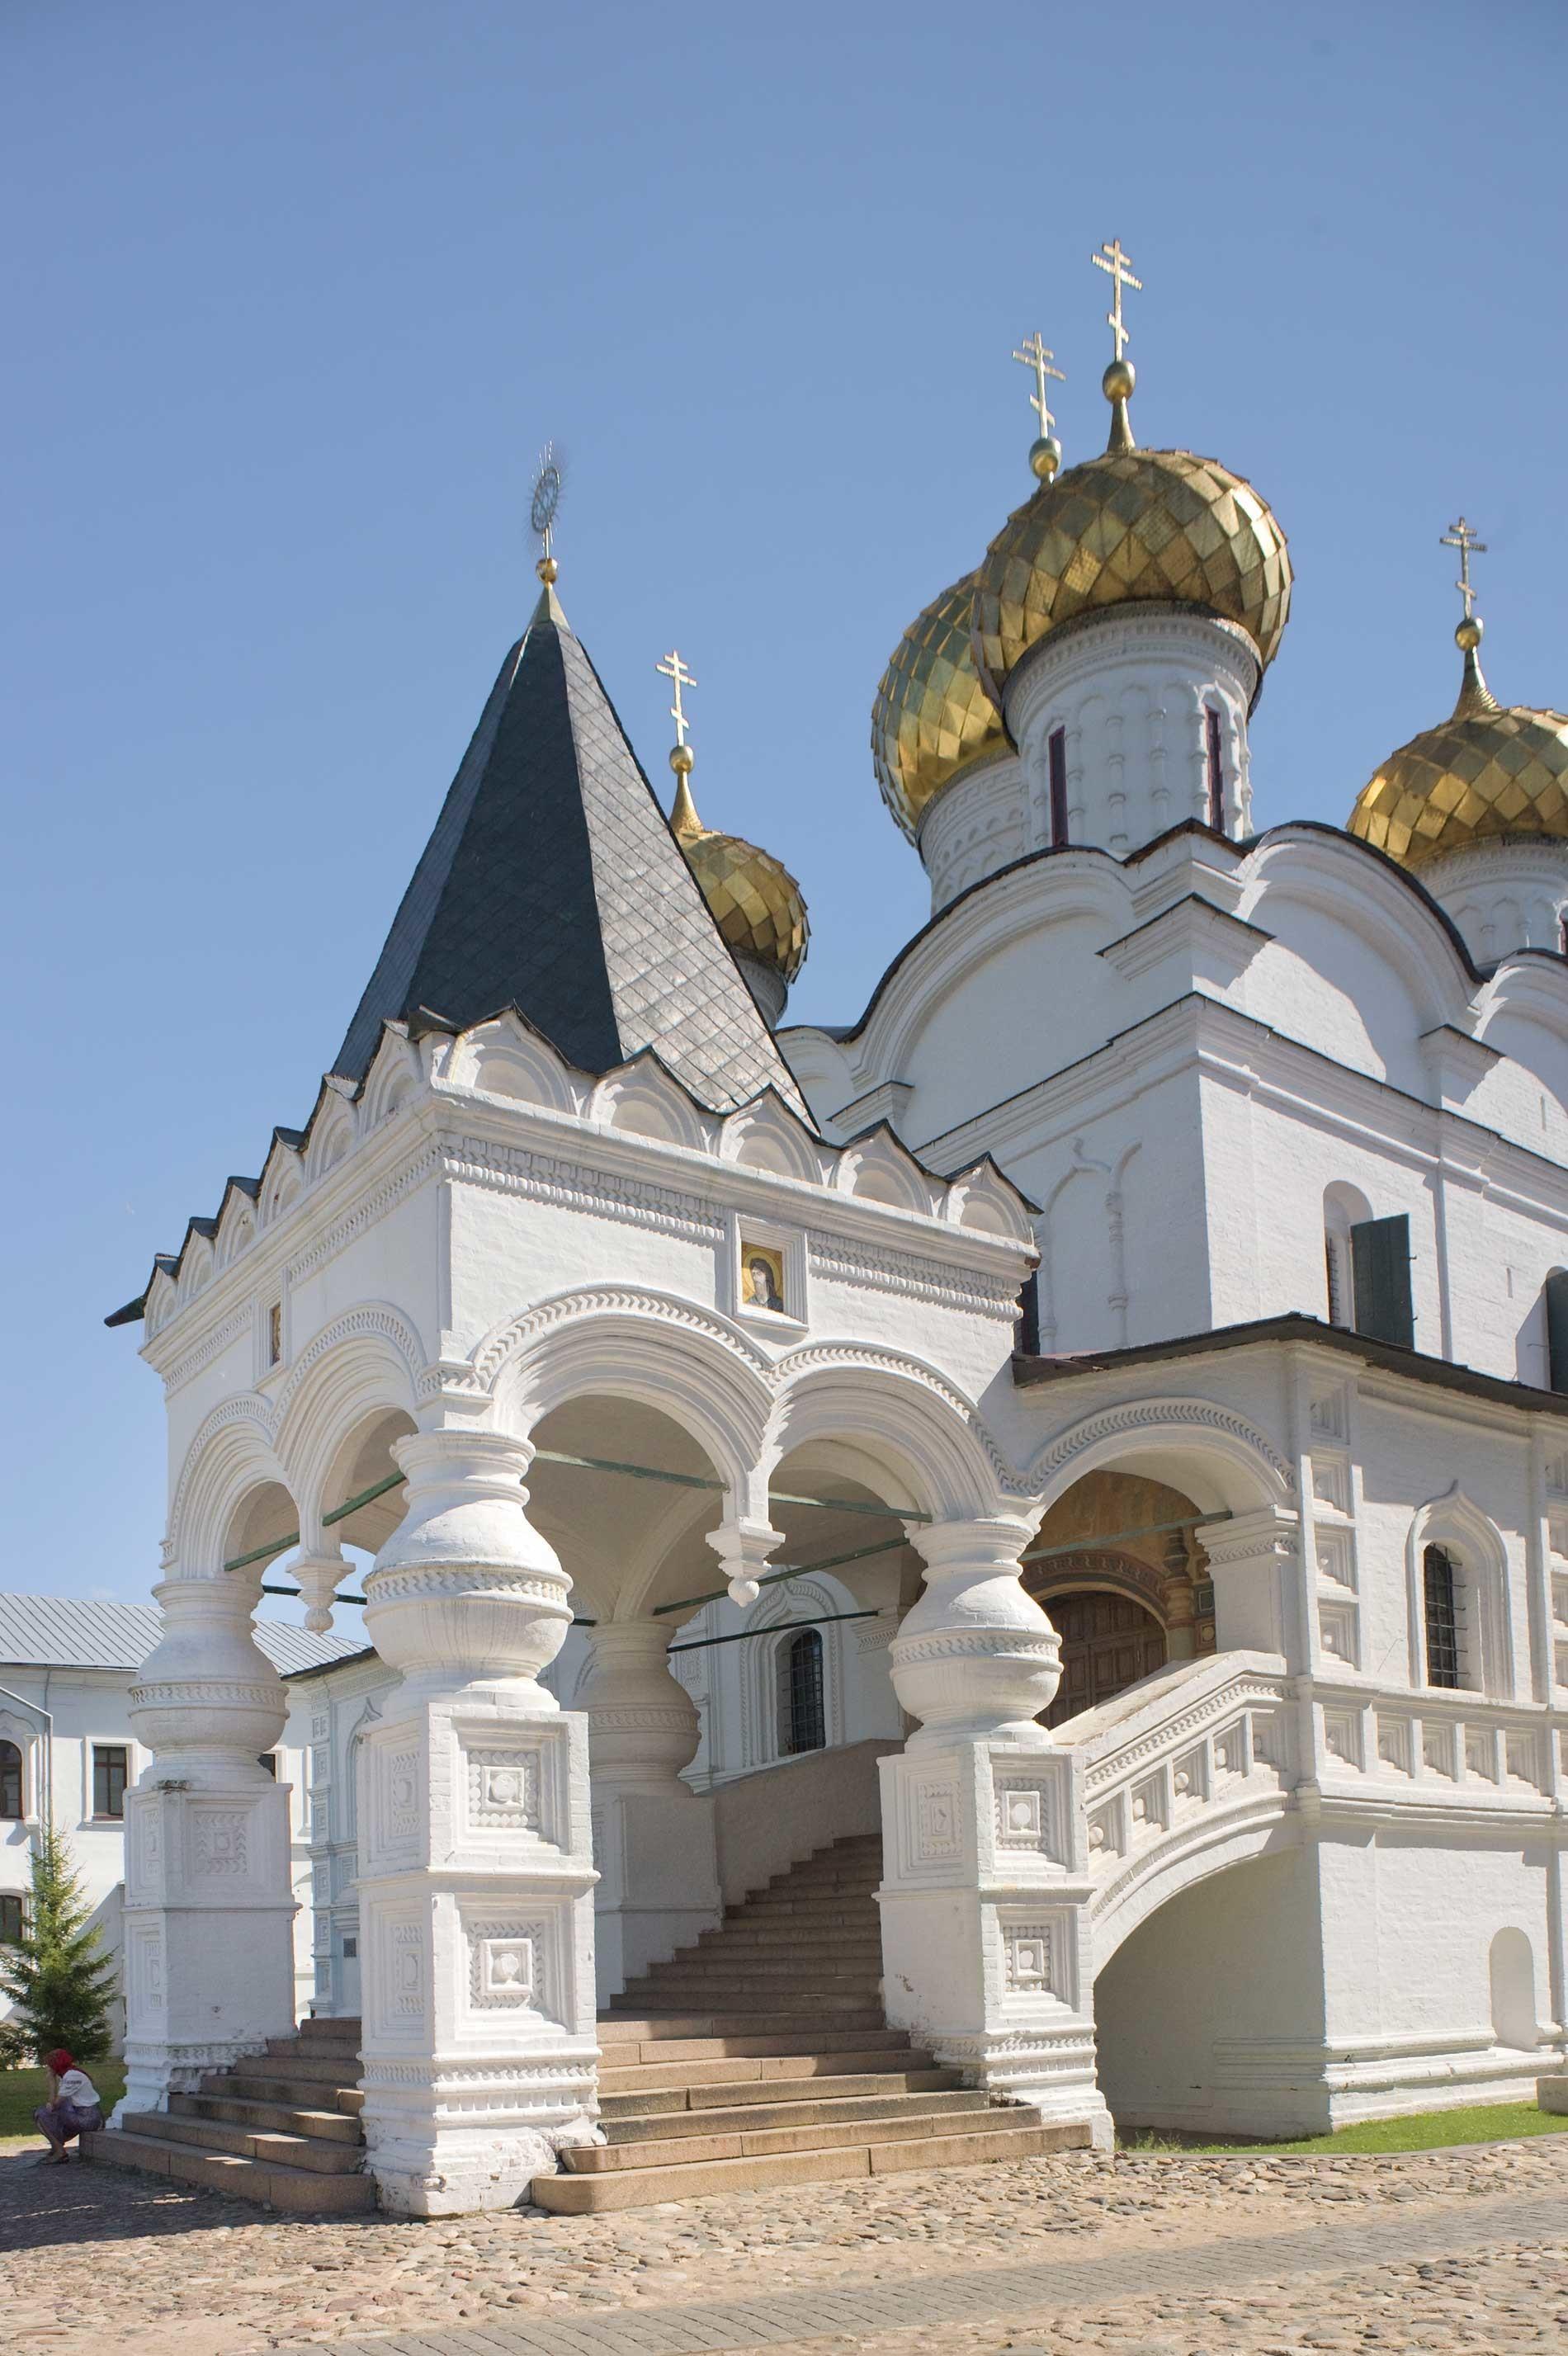 Monasterio Ipátiev. Catedral de la Trinidad, esquina noroeste con porche y escaleras a la galería oeste. Verano de 2017.